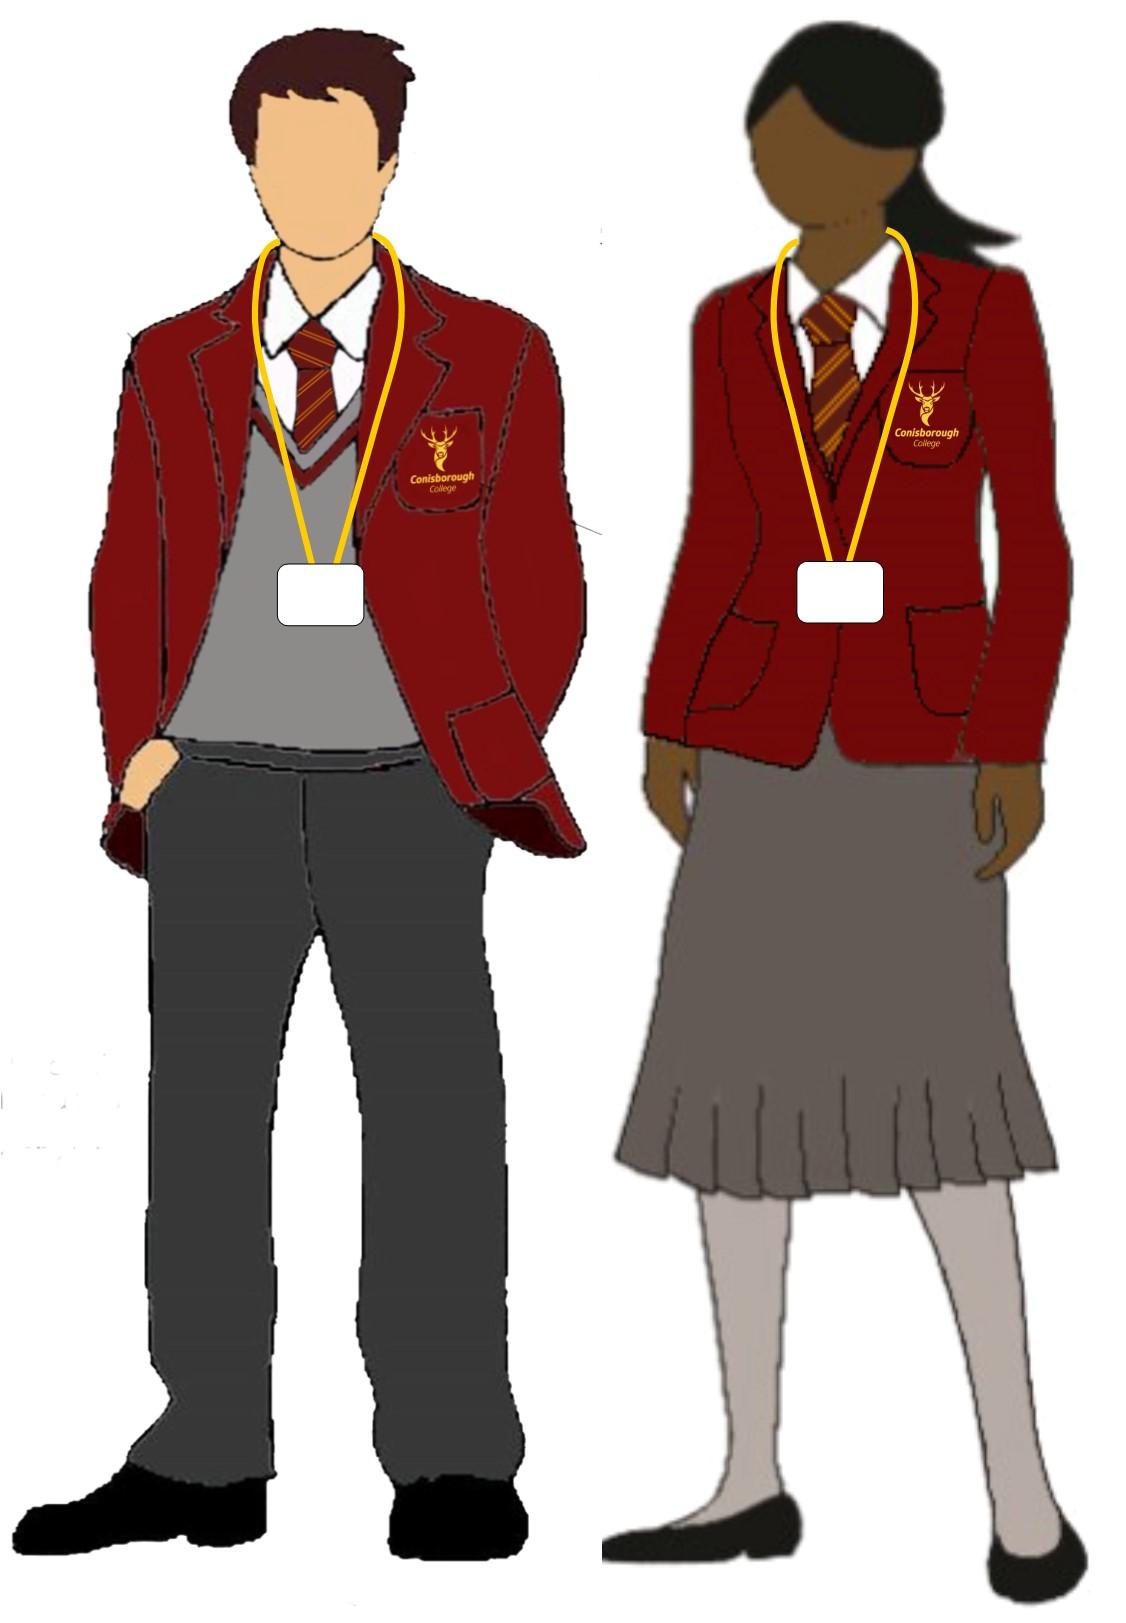 Conisborough College - School Uniform